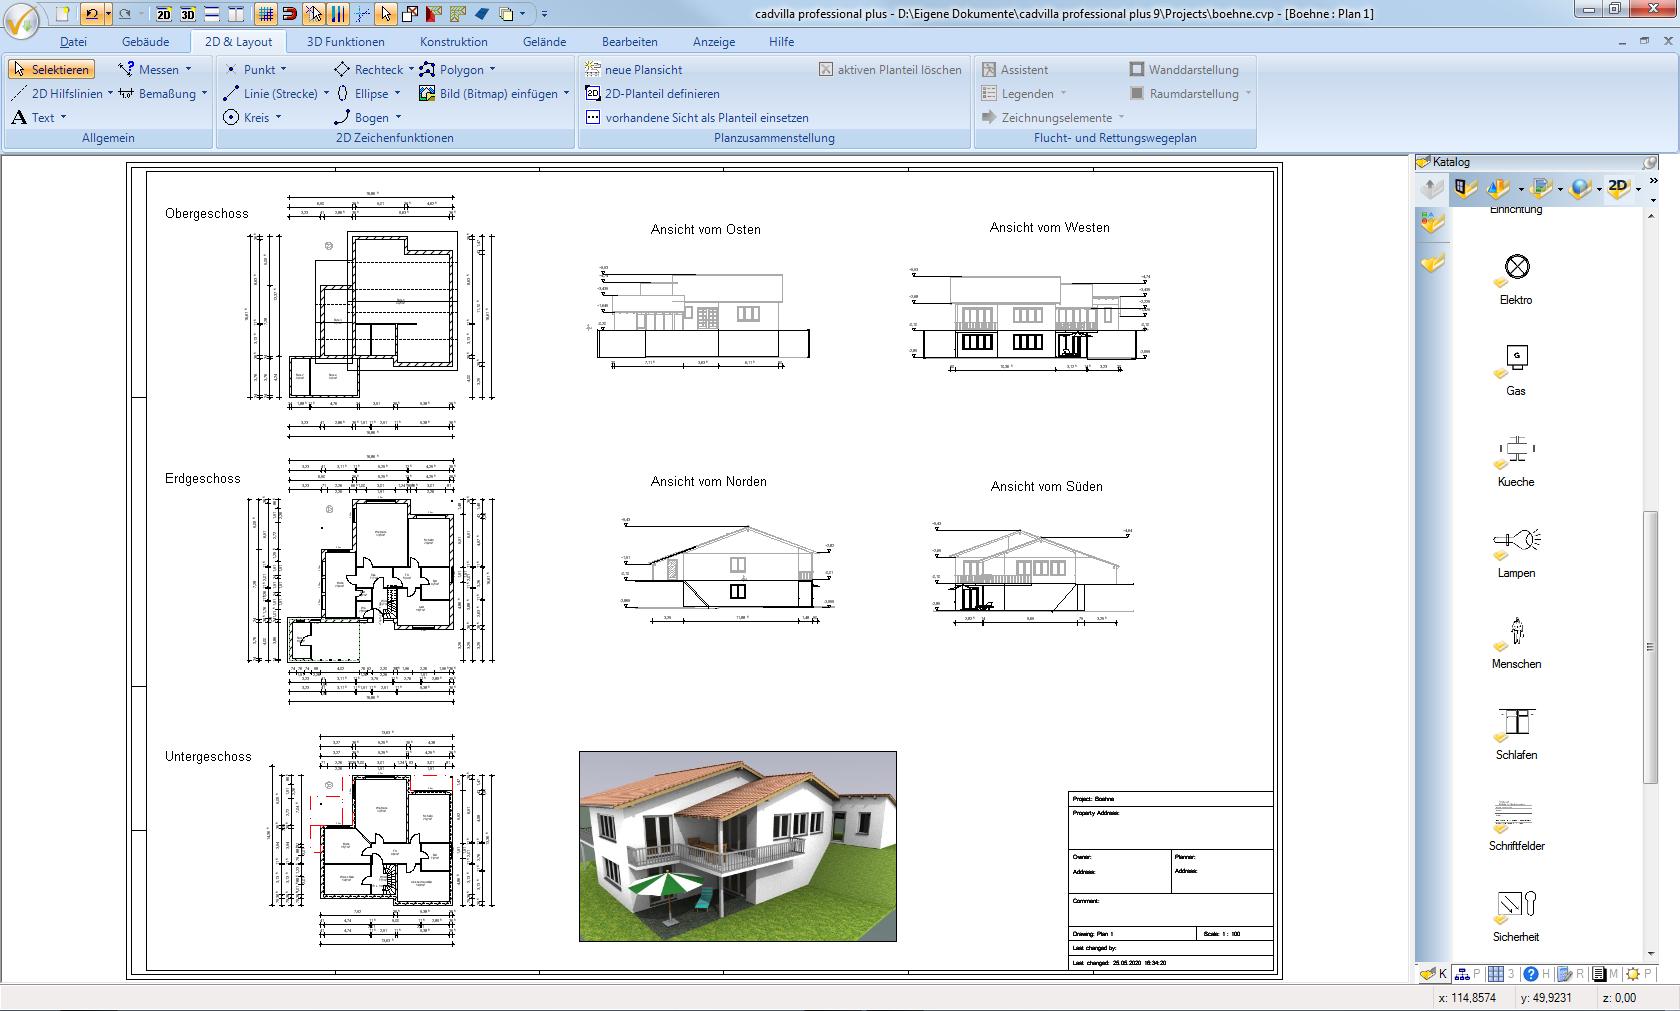 Planzusammenstellung für das Musterhaus. Alle Geschosse, Seitenansichten, Schnitte und 3D Ansichten können damit auf einem Gesamtplan positioniert werden. Das Modul für die Planzusammenstellung ist in den Versionen ab cadvilla professional mit enthalten.